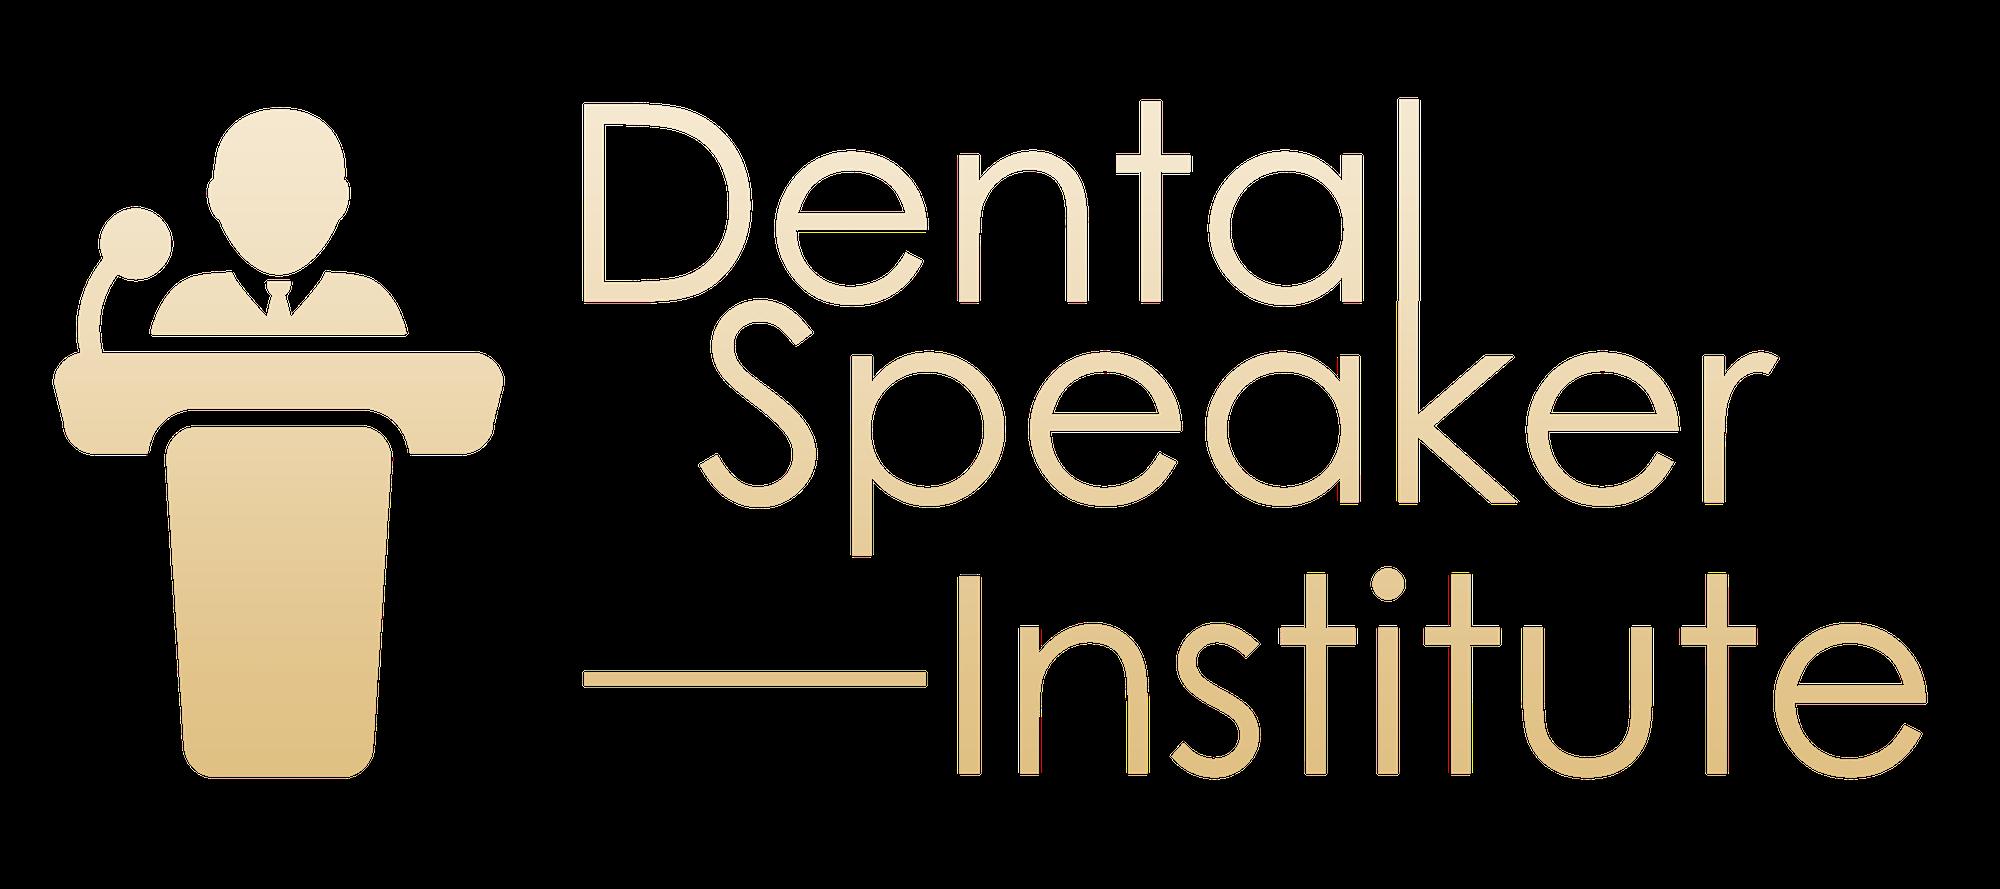 dental speaker insitute logo golden